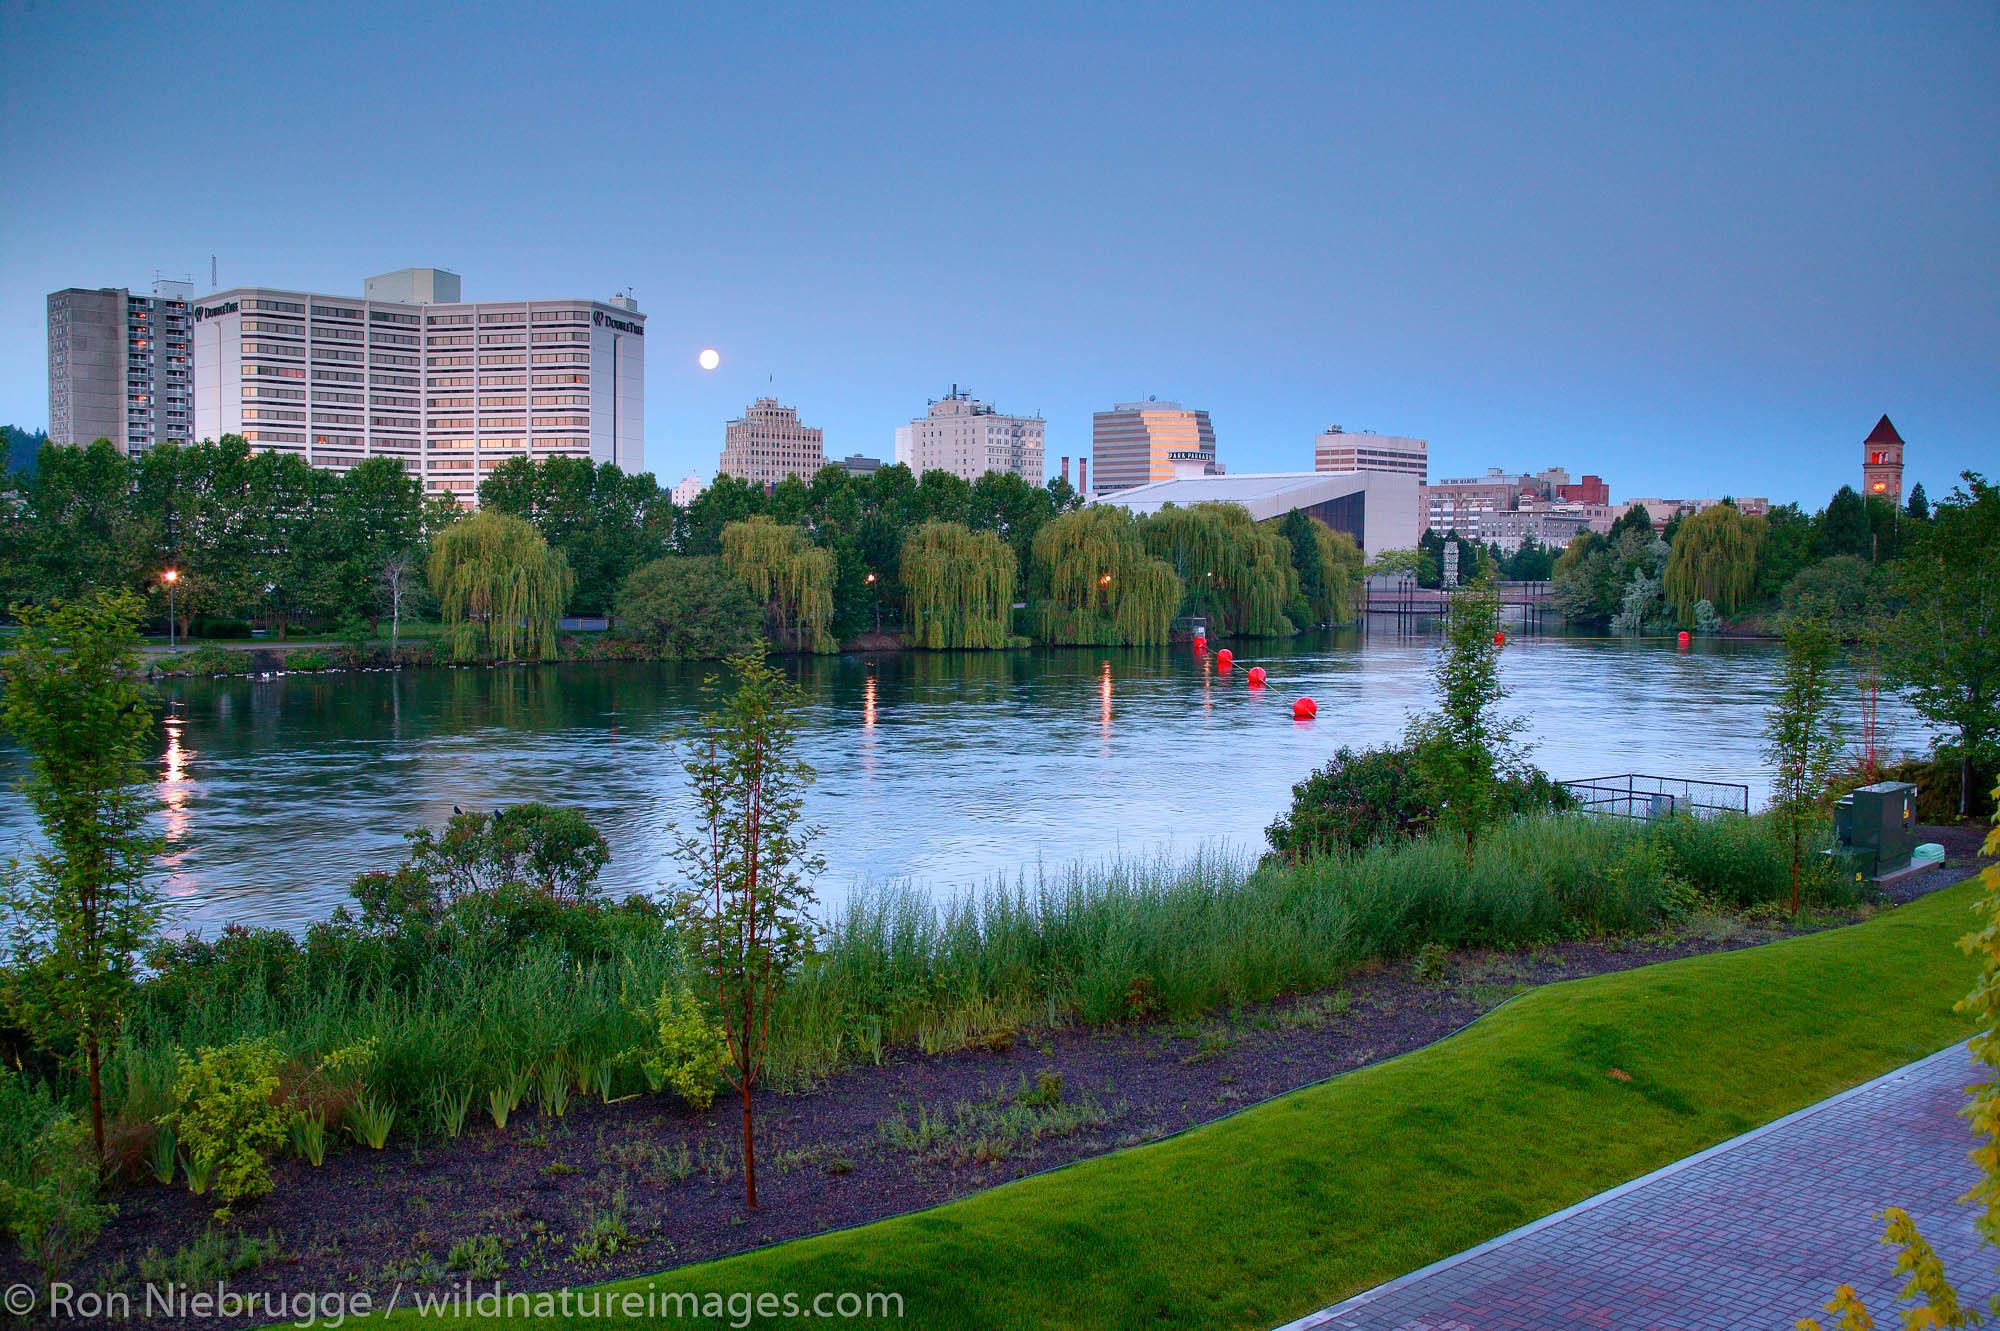 Moonset over the Spokane River and Riverfront Park, Spokane, Washington.